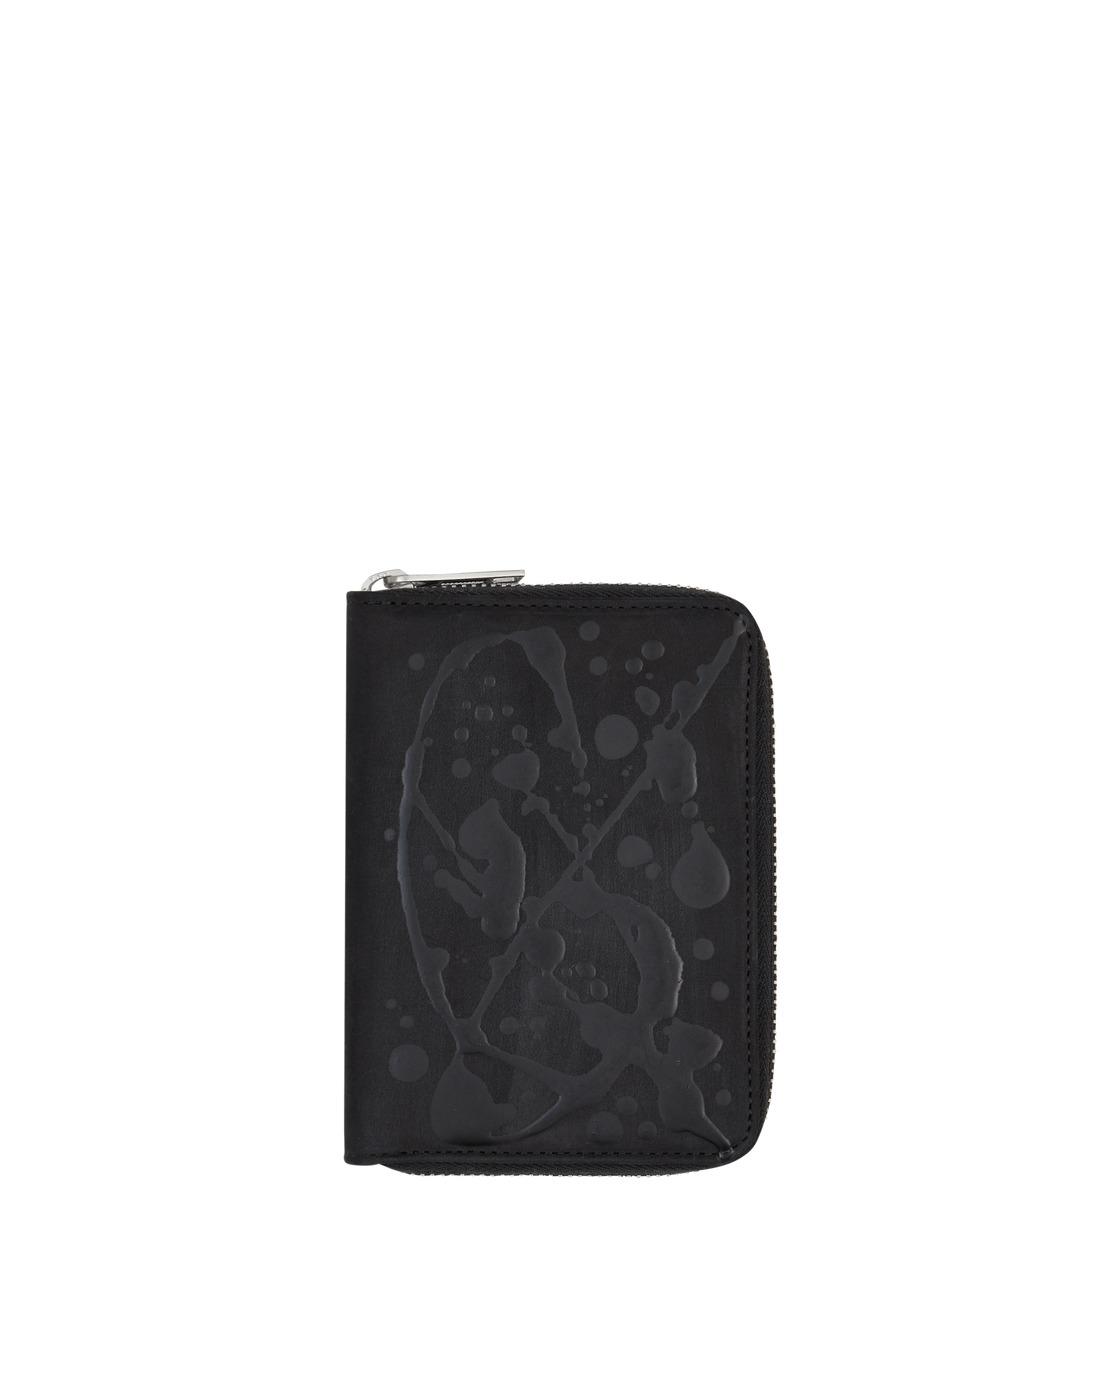 Photo: Maison Margiela Mini Zip Wallet Black/Paint